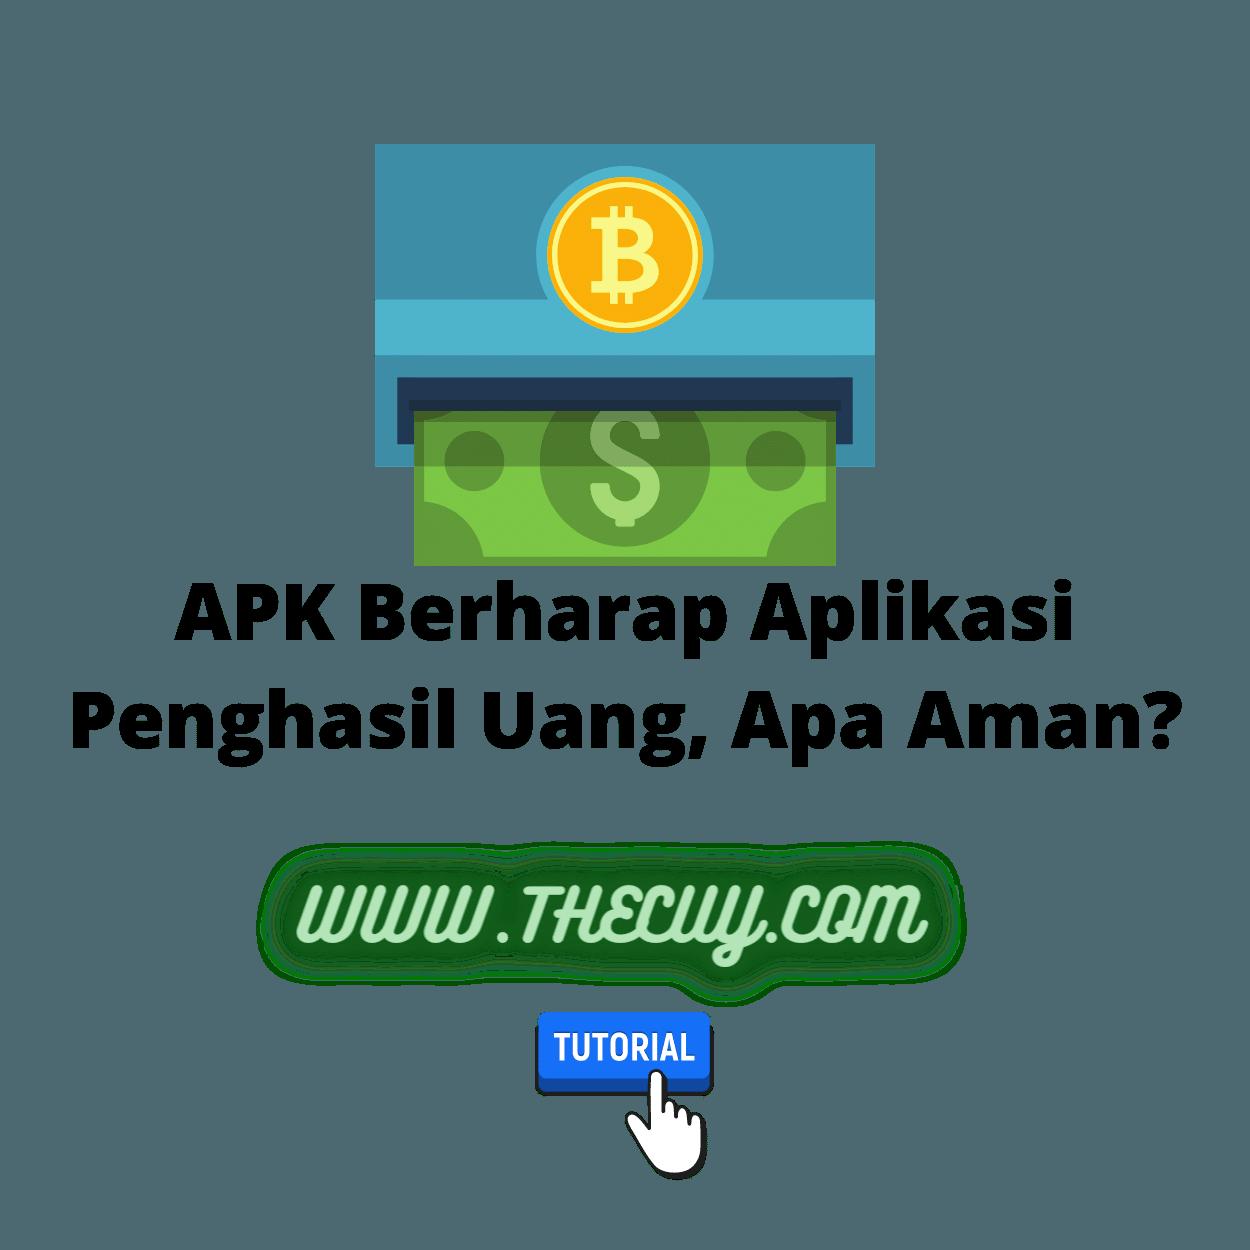 APK Berharap Aplikasi Penghasil Uang, Apa Aman?